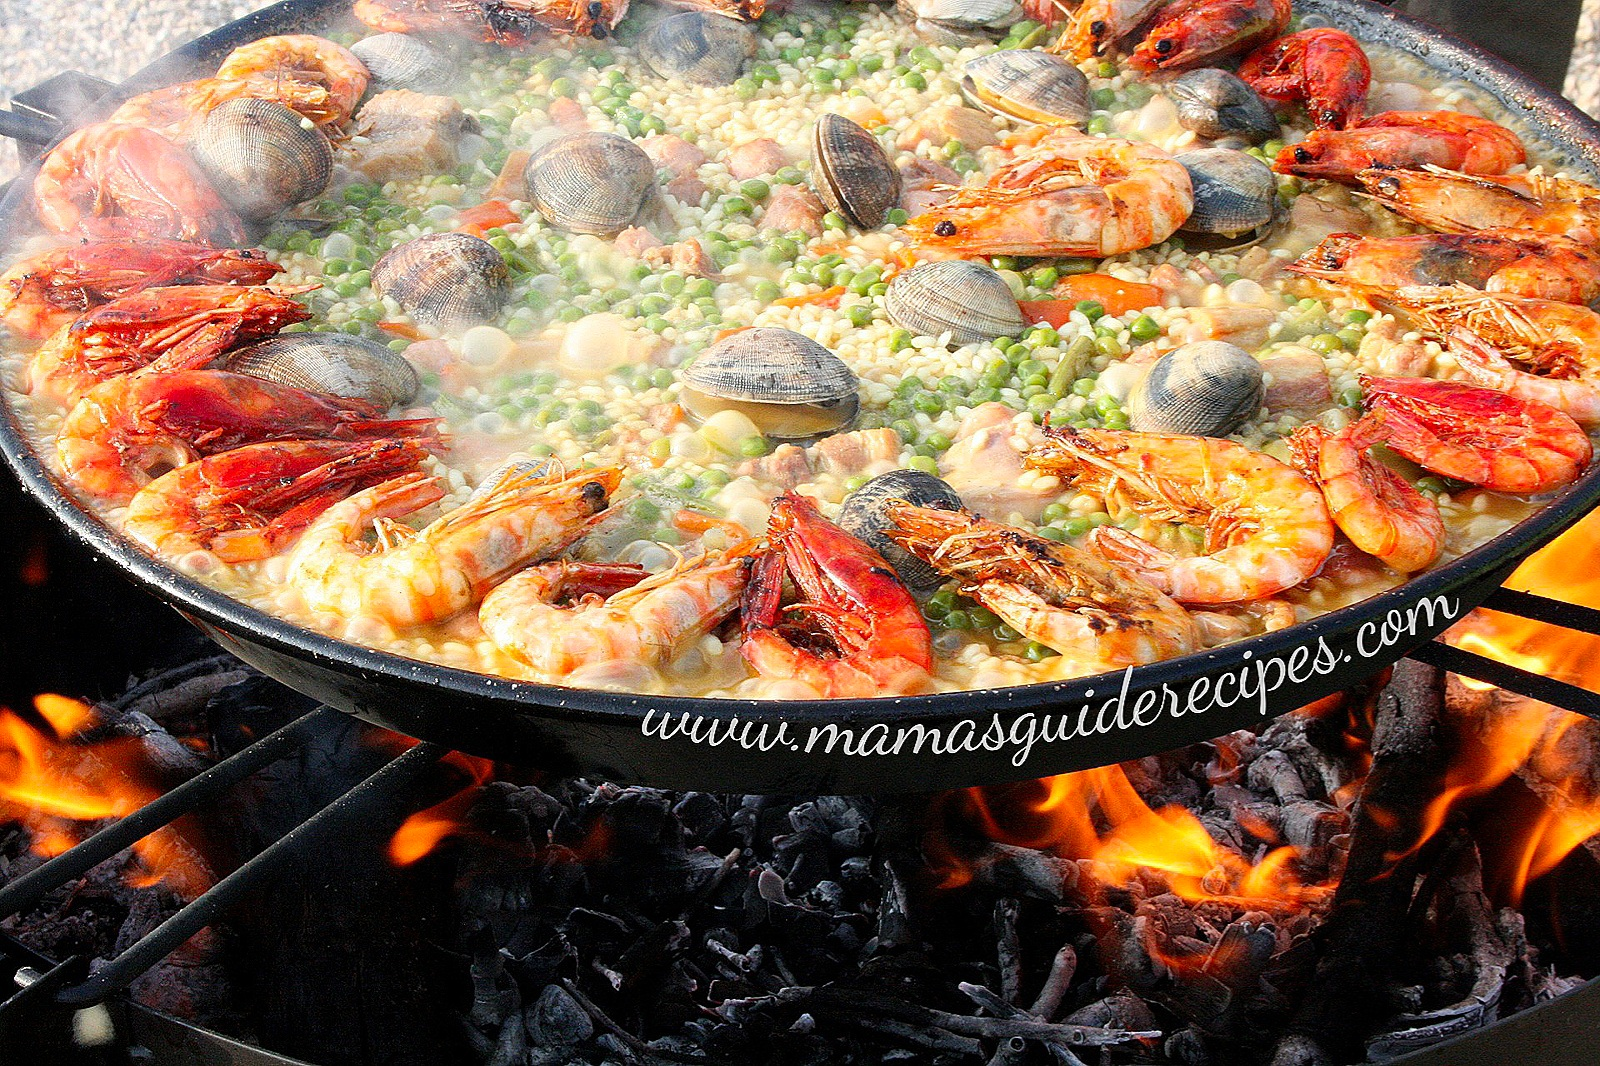 Seafood Paella Valenciana